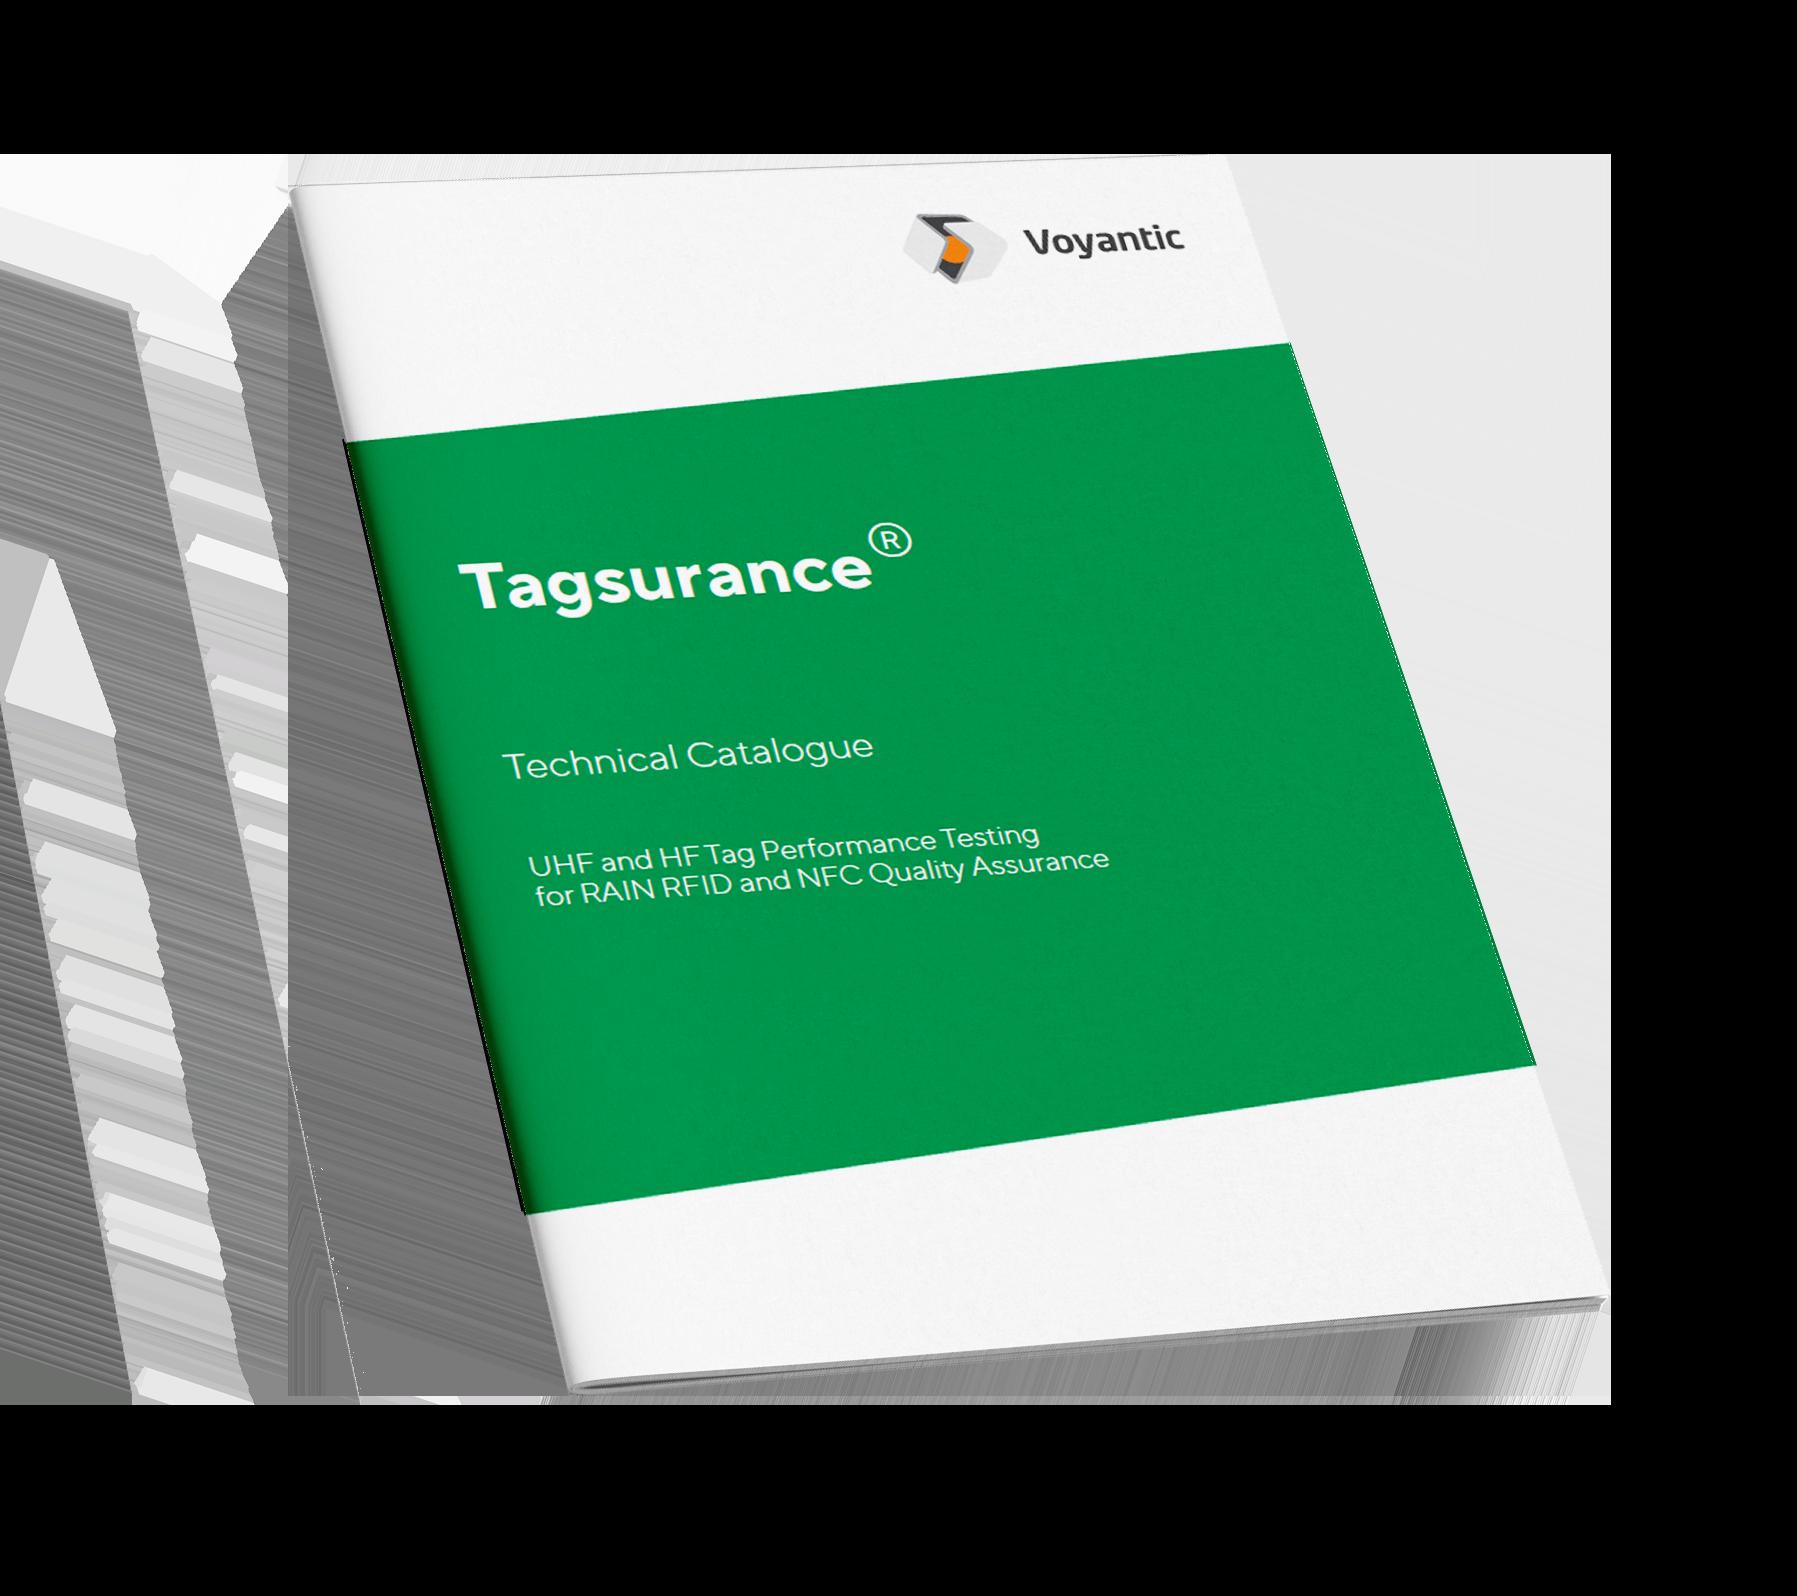 Download_catalogue_mockup_tagsurance